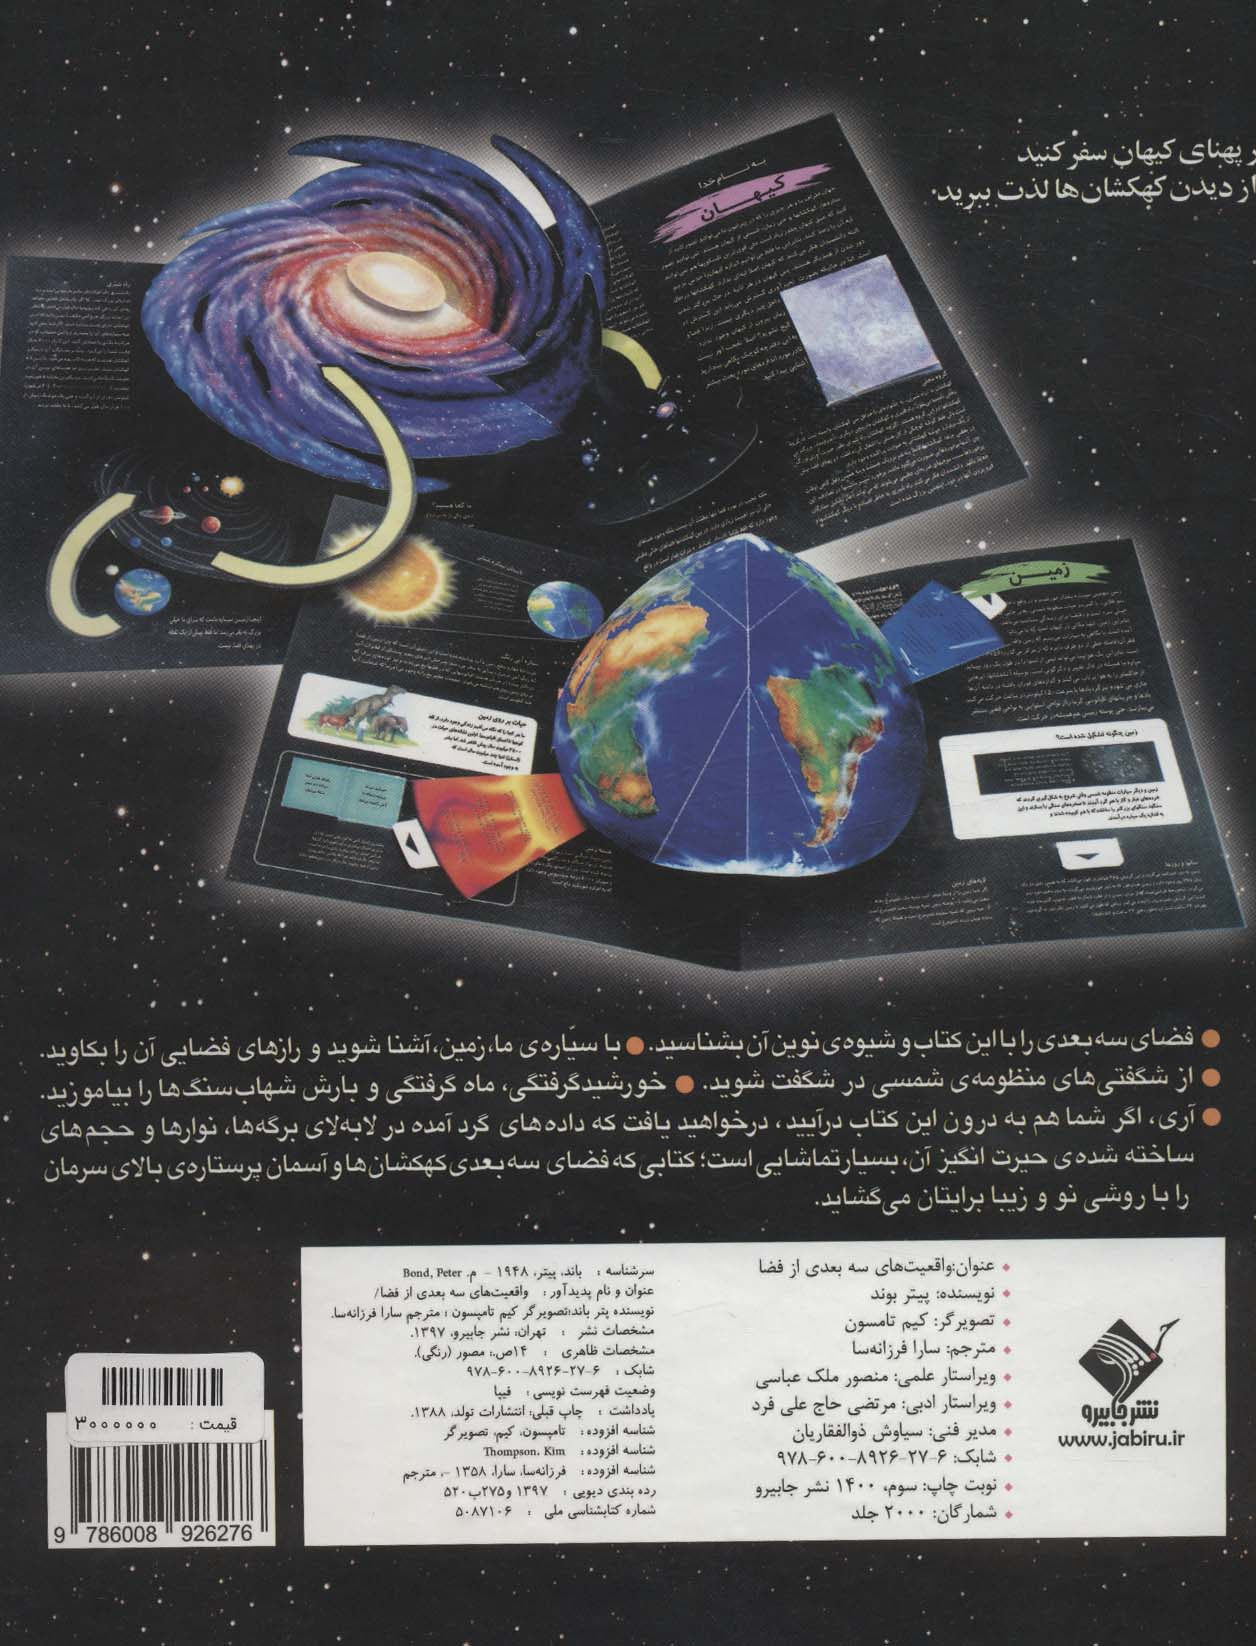 واقعیت های 3بعدی از فضا (کاوش در آسمان پرستاره)،(گلاسه)